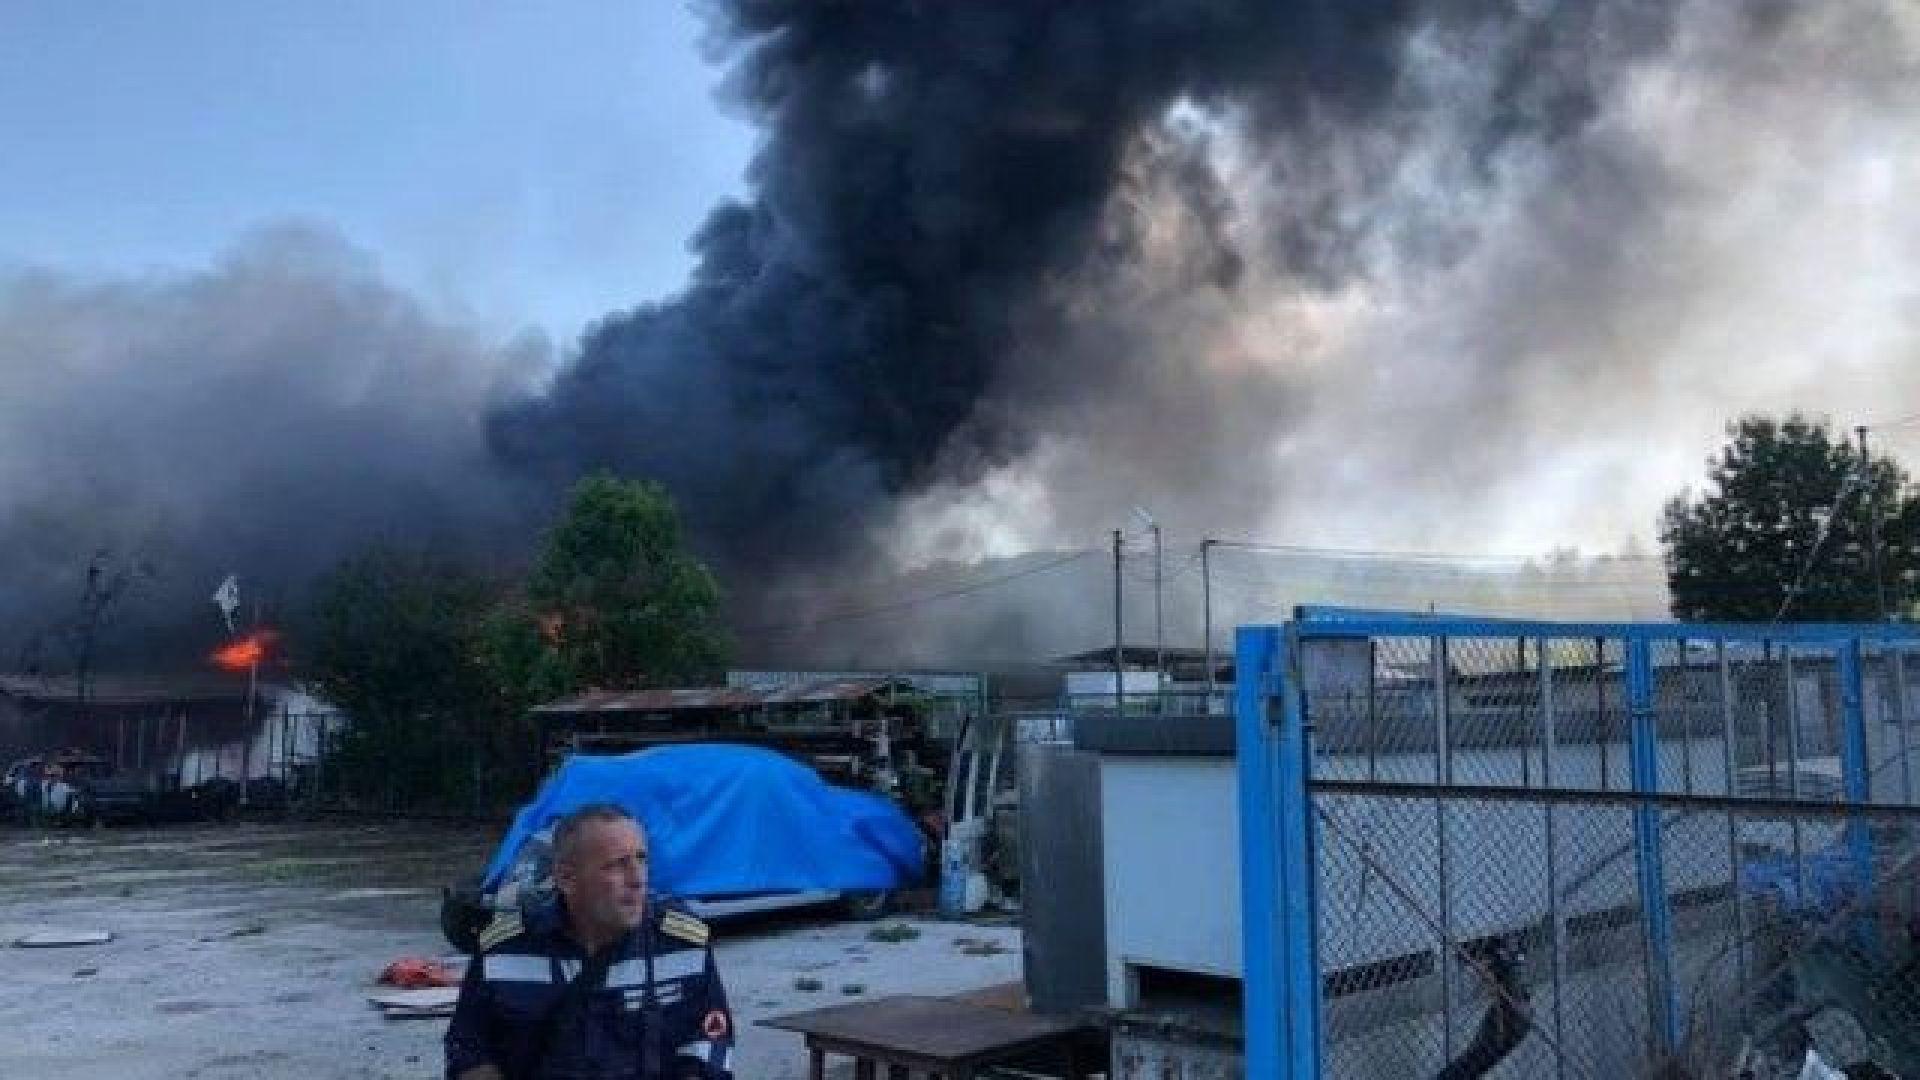 Големият пожар, който вчера избухна в Ботевград, е овладян. Огънят